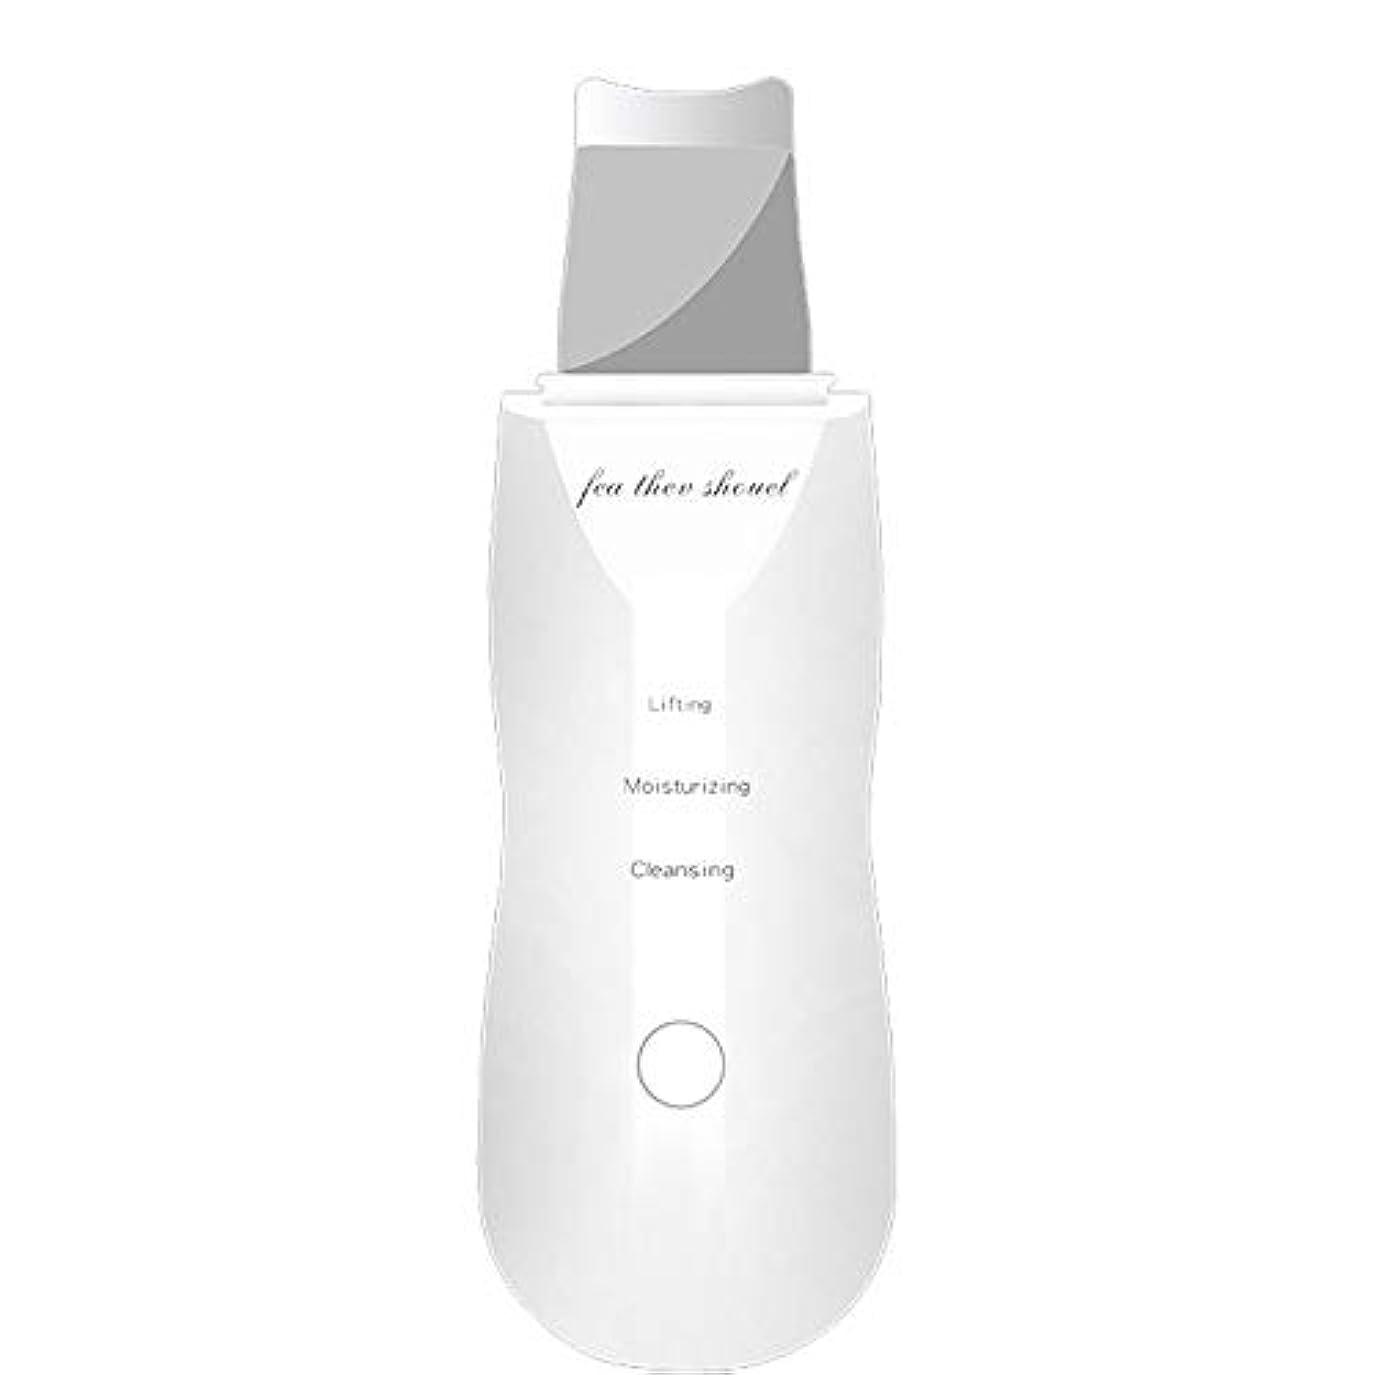 ぼかす自分を引き上げるバラエティ顔の皮のスクラバー、気孔の洗剤の電気にきび顔の皮のスクラバーUSBの再充電可能な皮のマッサージのスクラバー